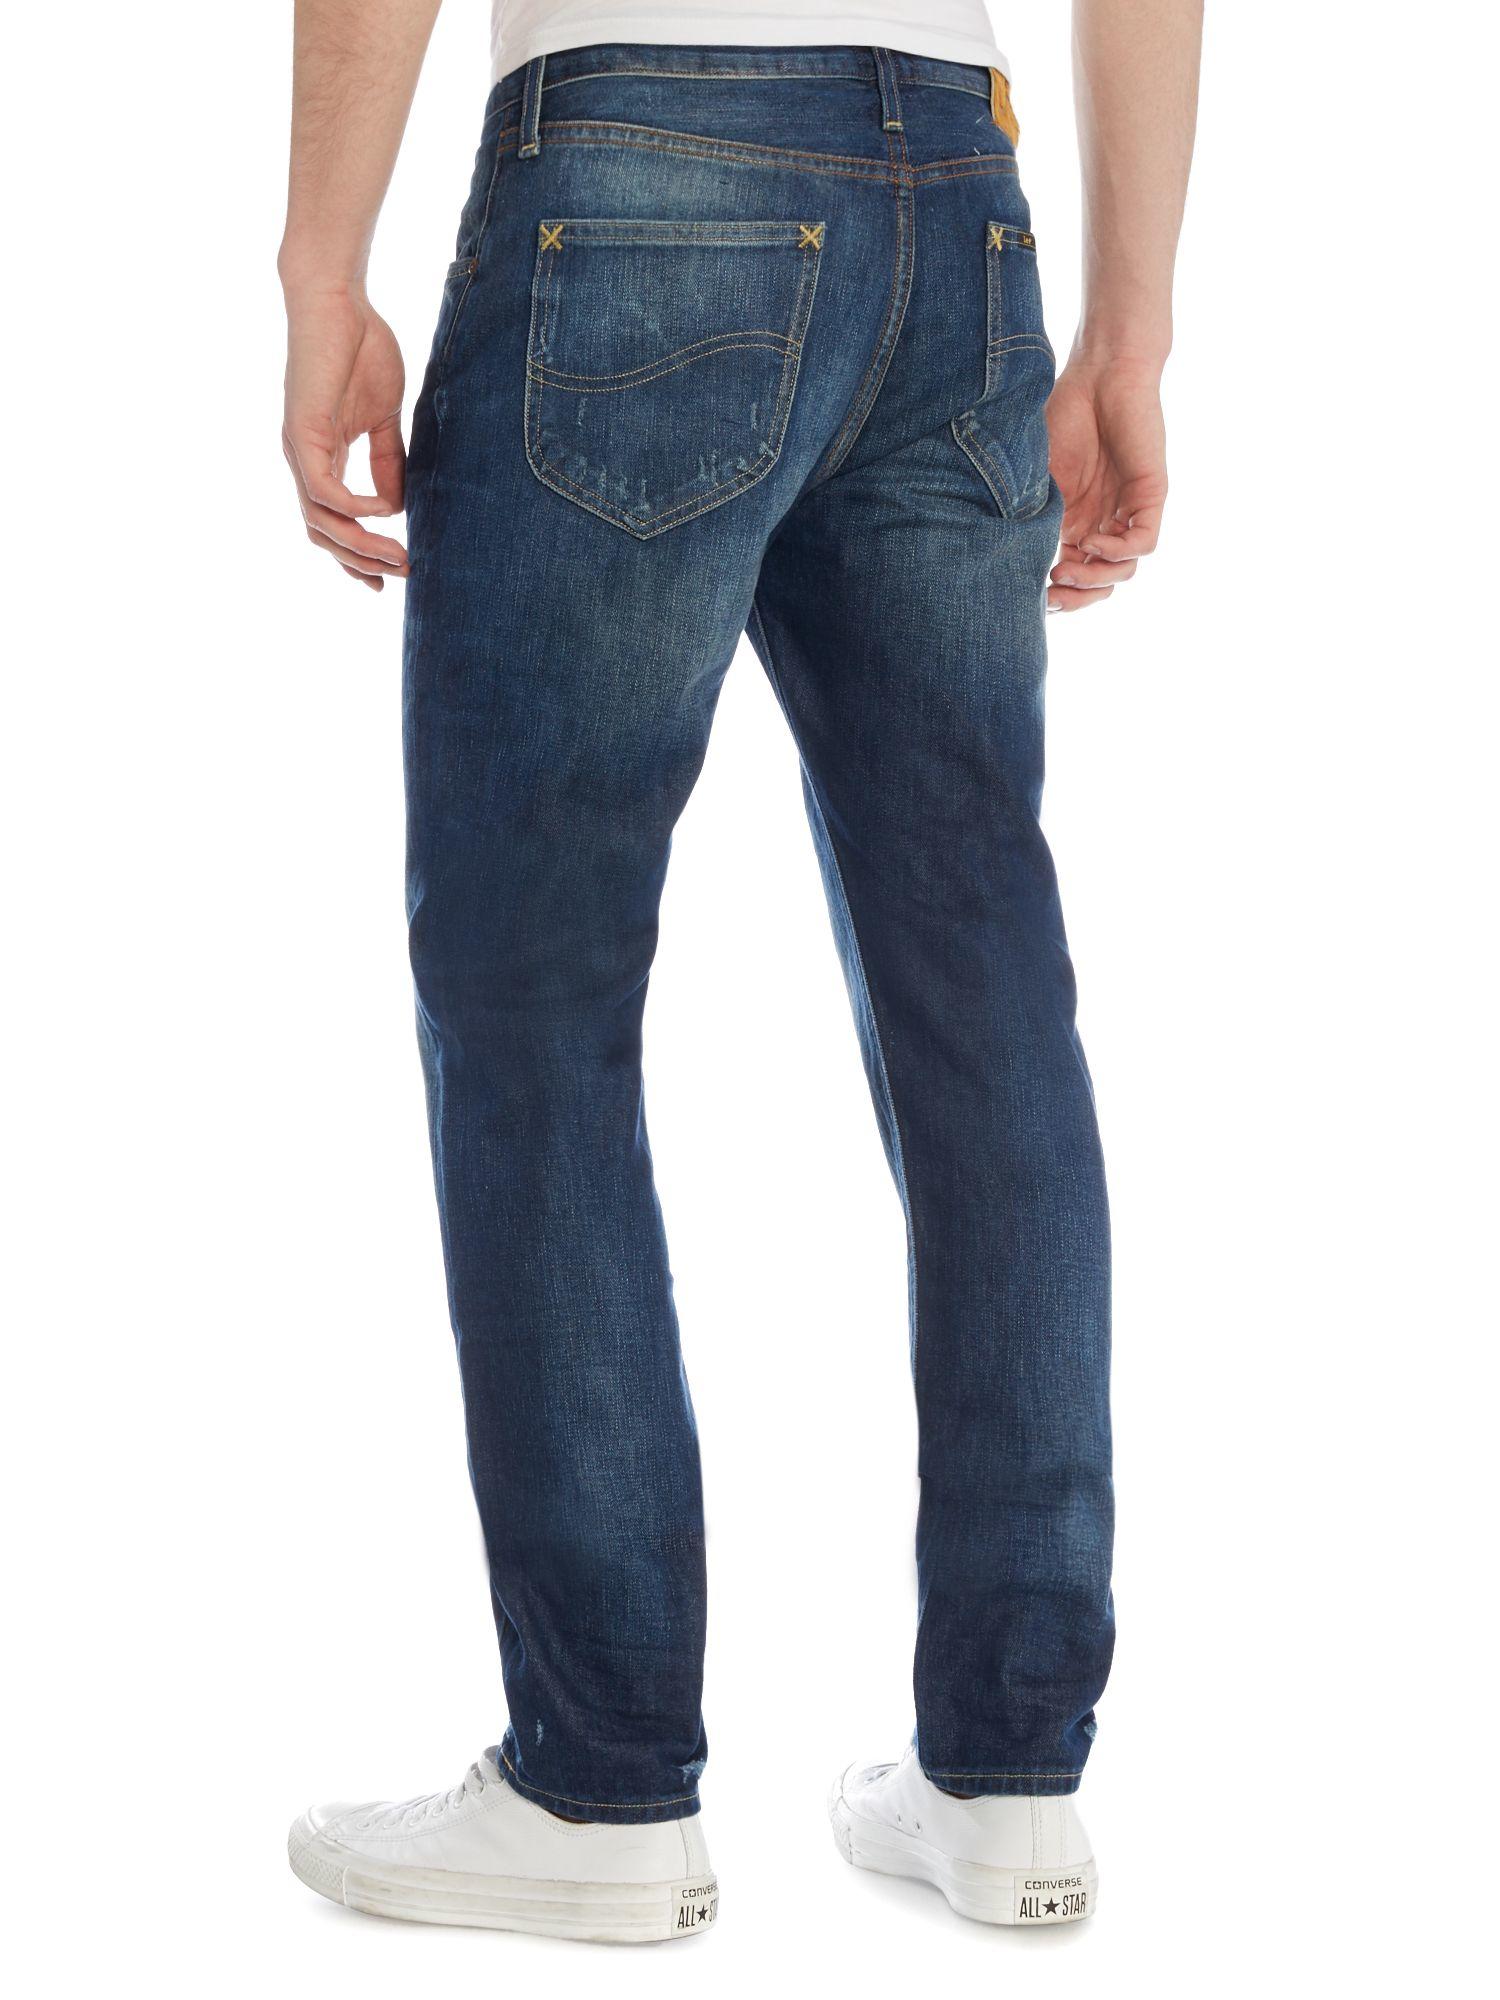 lyst lee jeans arvin crushed blue regular fit jeans in blue for men. Black Bedroom Furniture Sets. Home Design Ideas